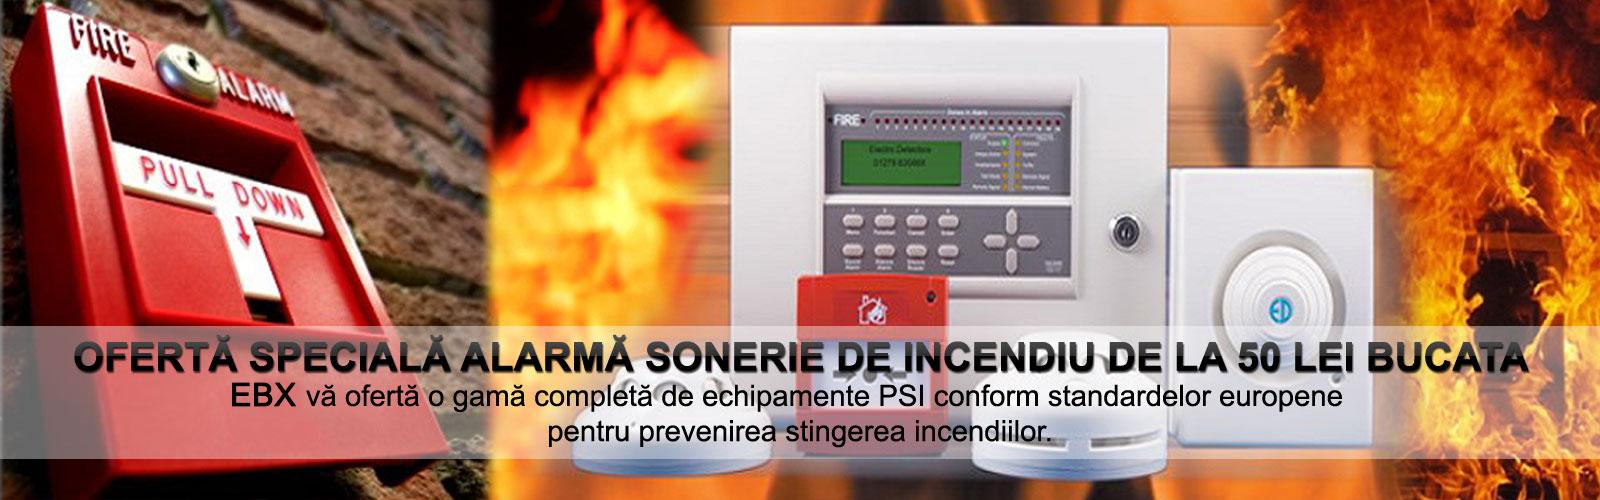 Ofertă specială alarmă sonerie de incendiu  50 lei bucata